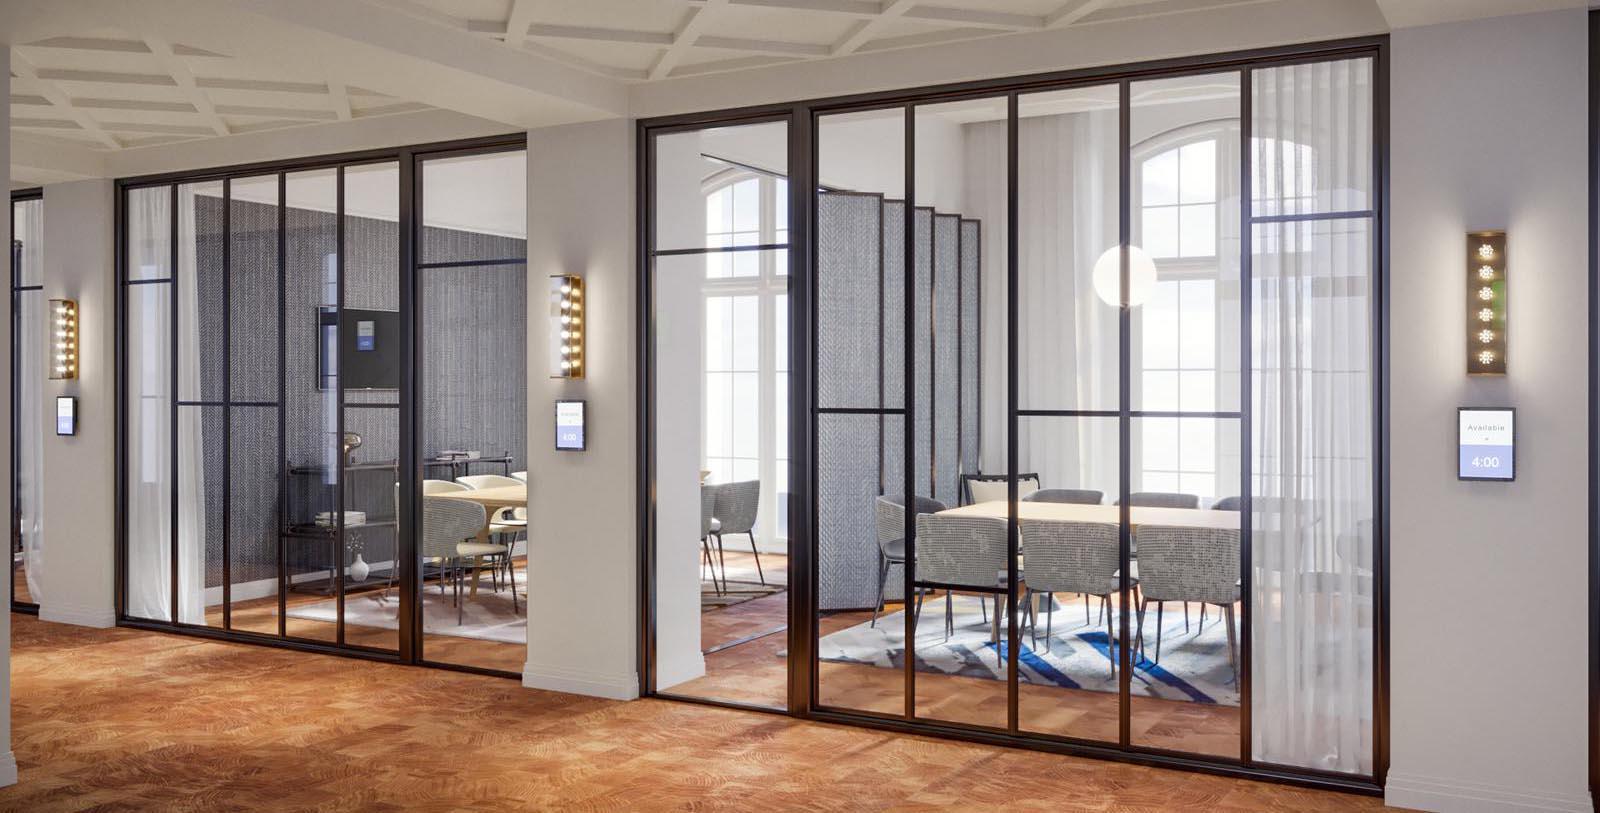 Image of Meeting Room at Villa Copenhagen, 1912, Member of Historic Hotels Worldwide, in Copenhagen, Denmark, Experience